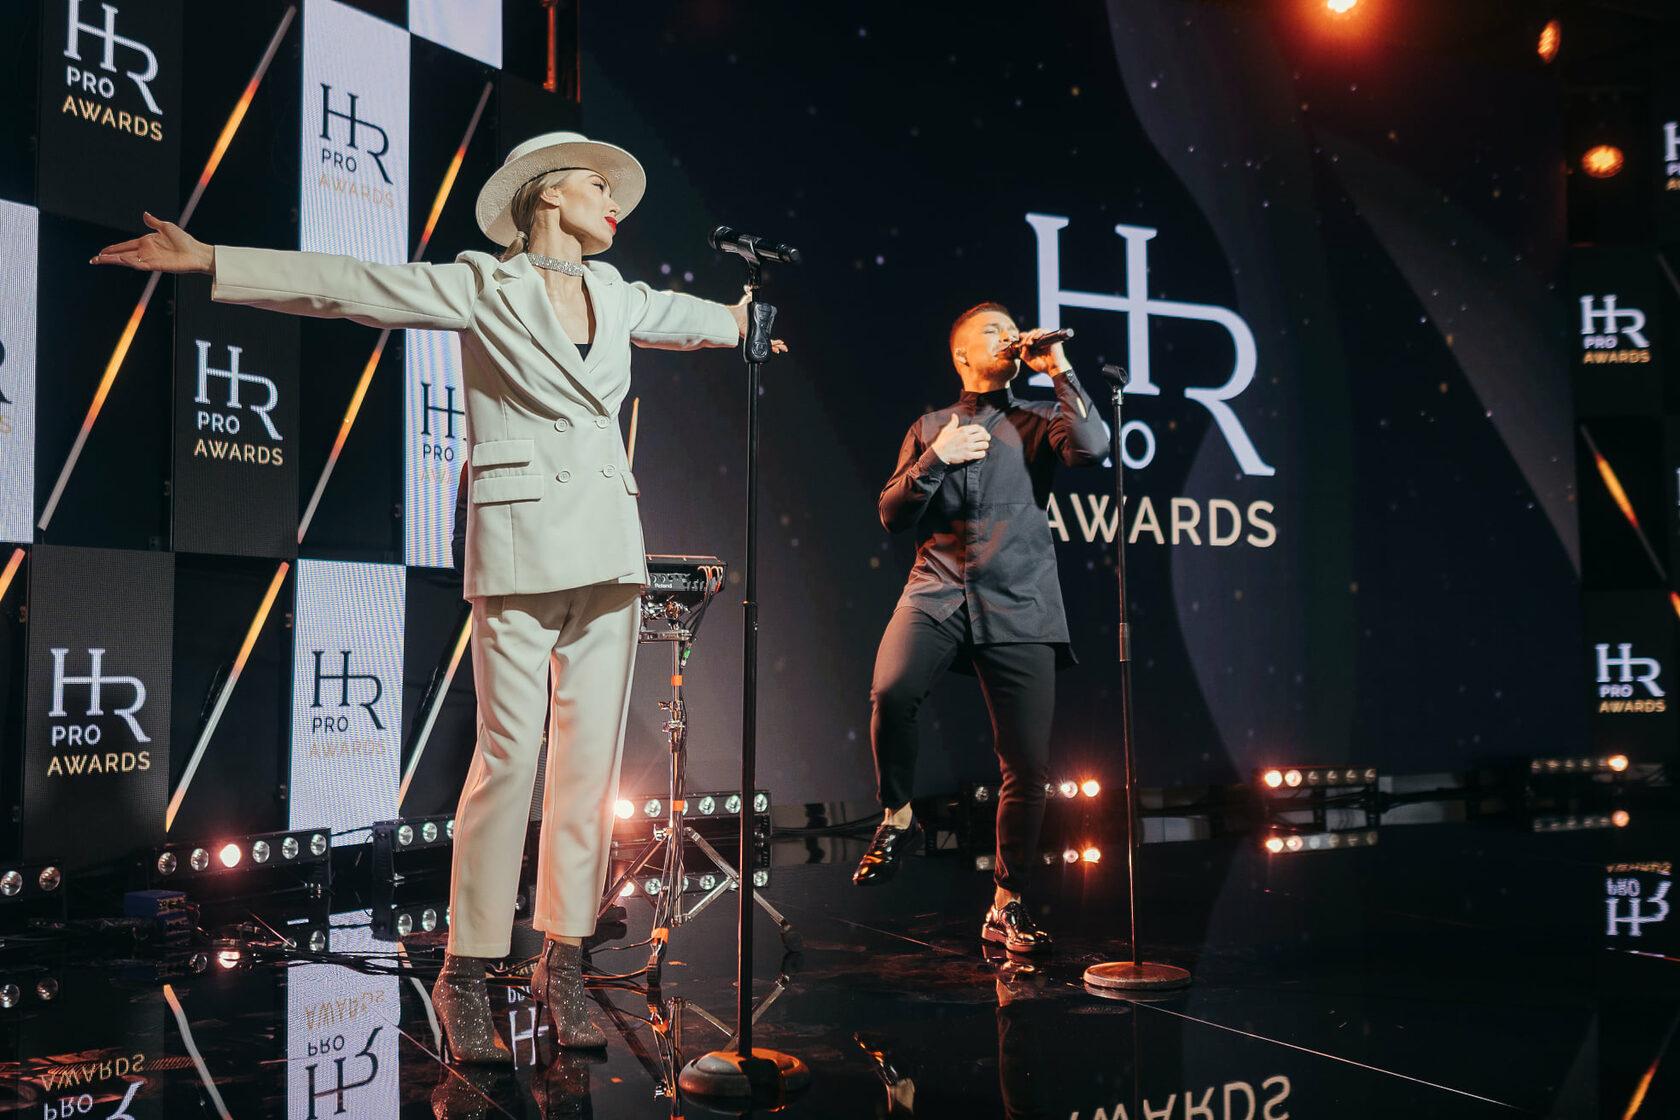 Презентація премії HR PRO